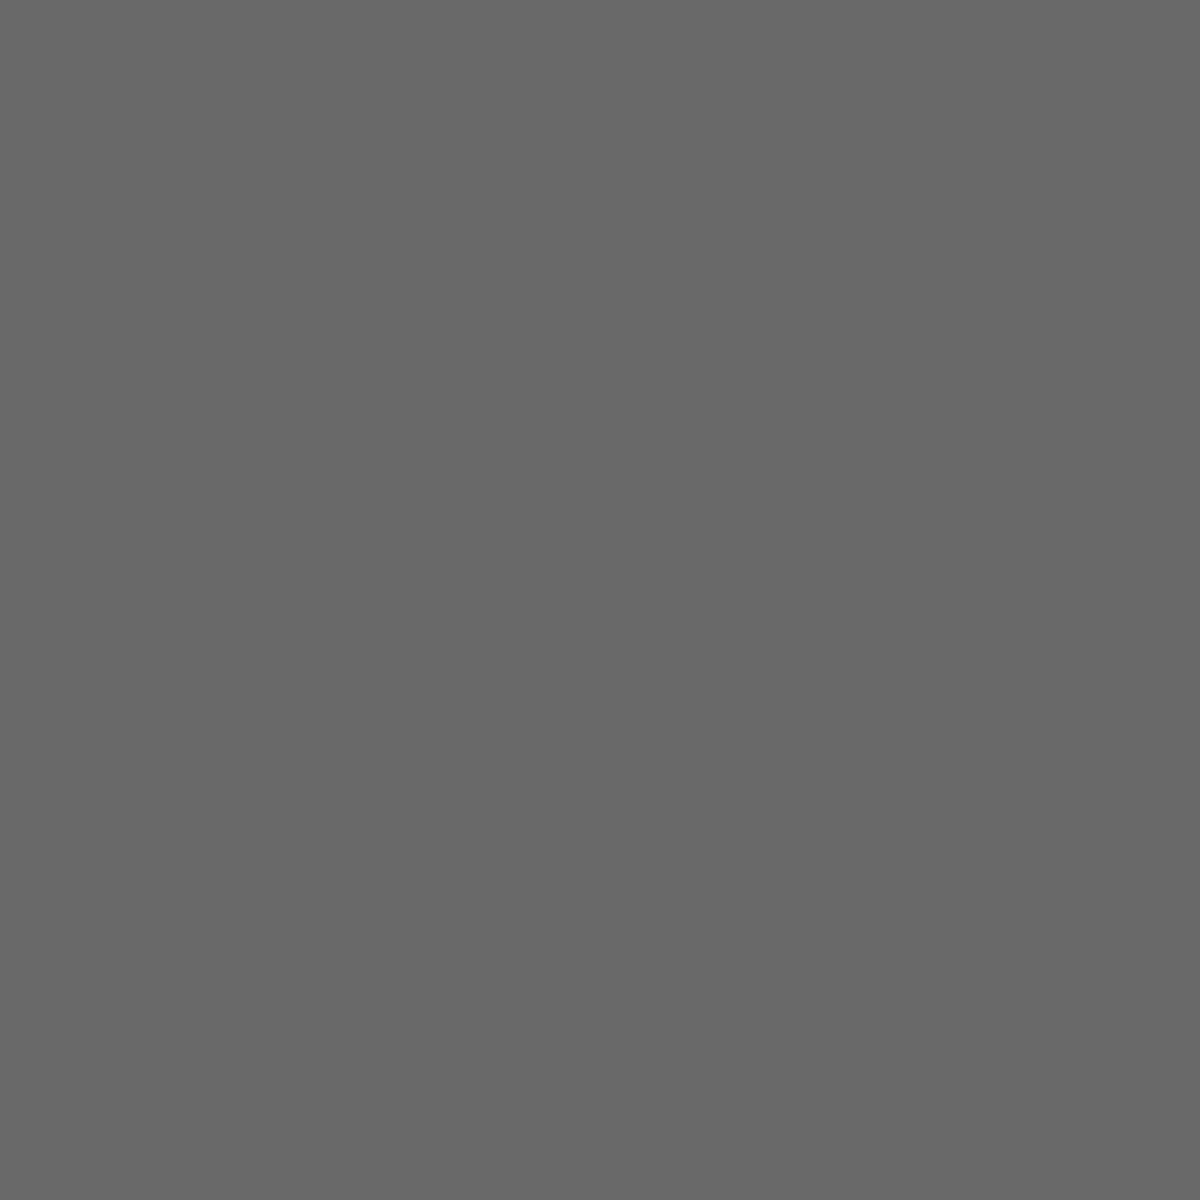 700 Faltkarten Din Lang - Hellgrau - Premium Qualität Qualität Qualität - 10,5 x 21 cm - Sehr formstabil - für Drucker Geeignet  - Qualitätsmarke  NEUSER FarbenFroh B07FKVZ5RC | Um Zuerst Unter ähnlichen Produkten Rang  cab9f7